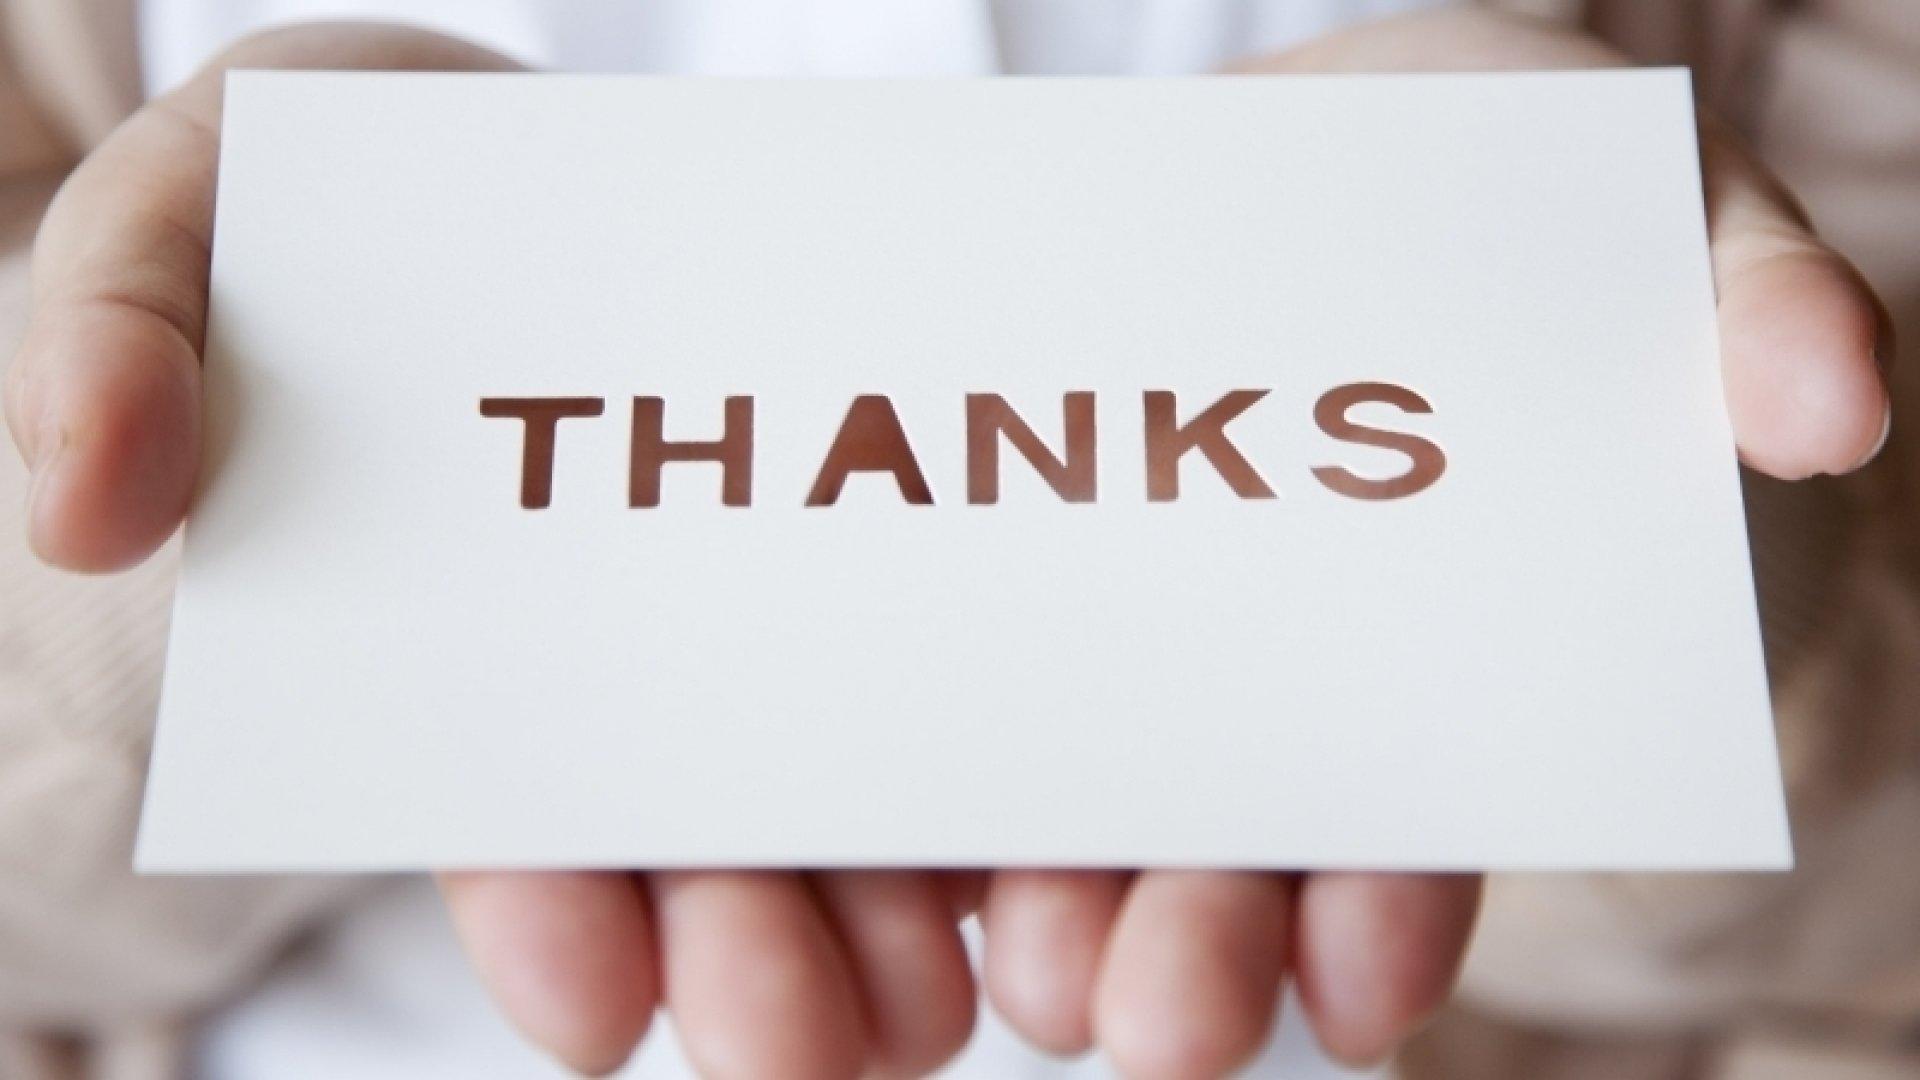 23 Essential Quotes on Gratitude